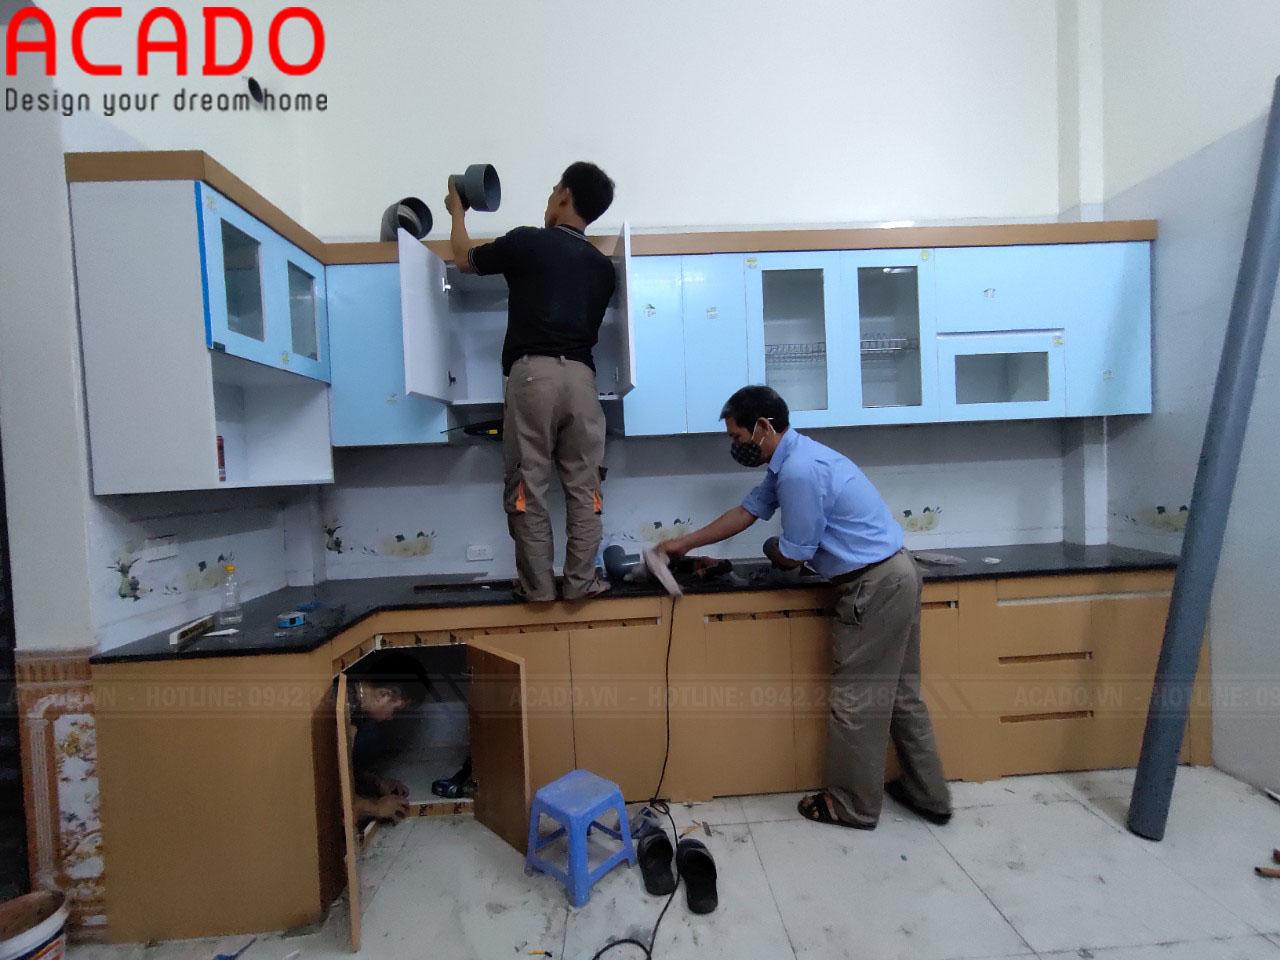 Tủ bếp sử dụng thùng Picomat chống ẩm tuyệt đối đảm bảo độ bền cho sản phẩm